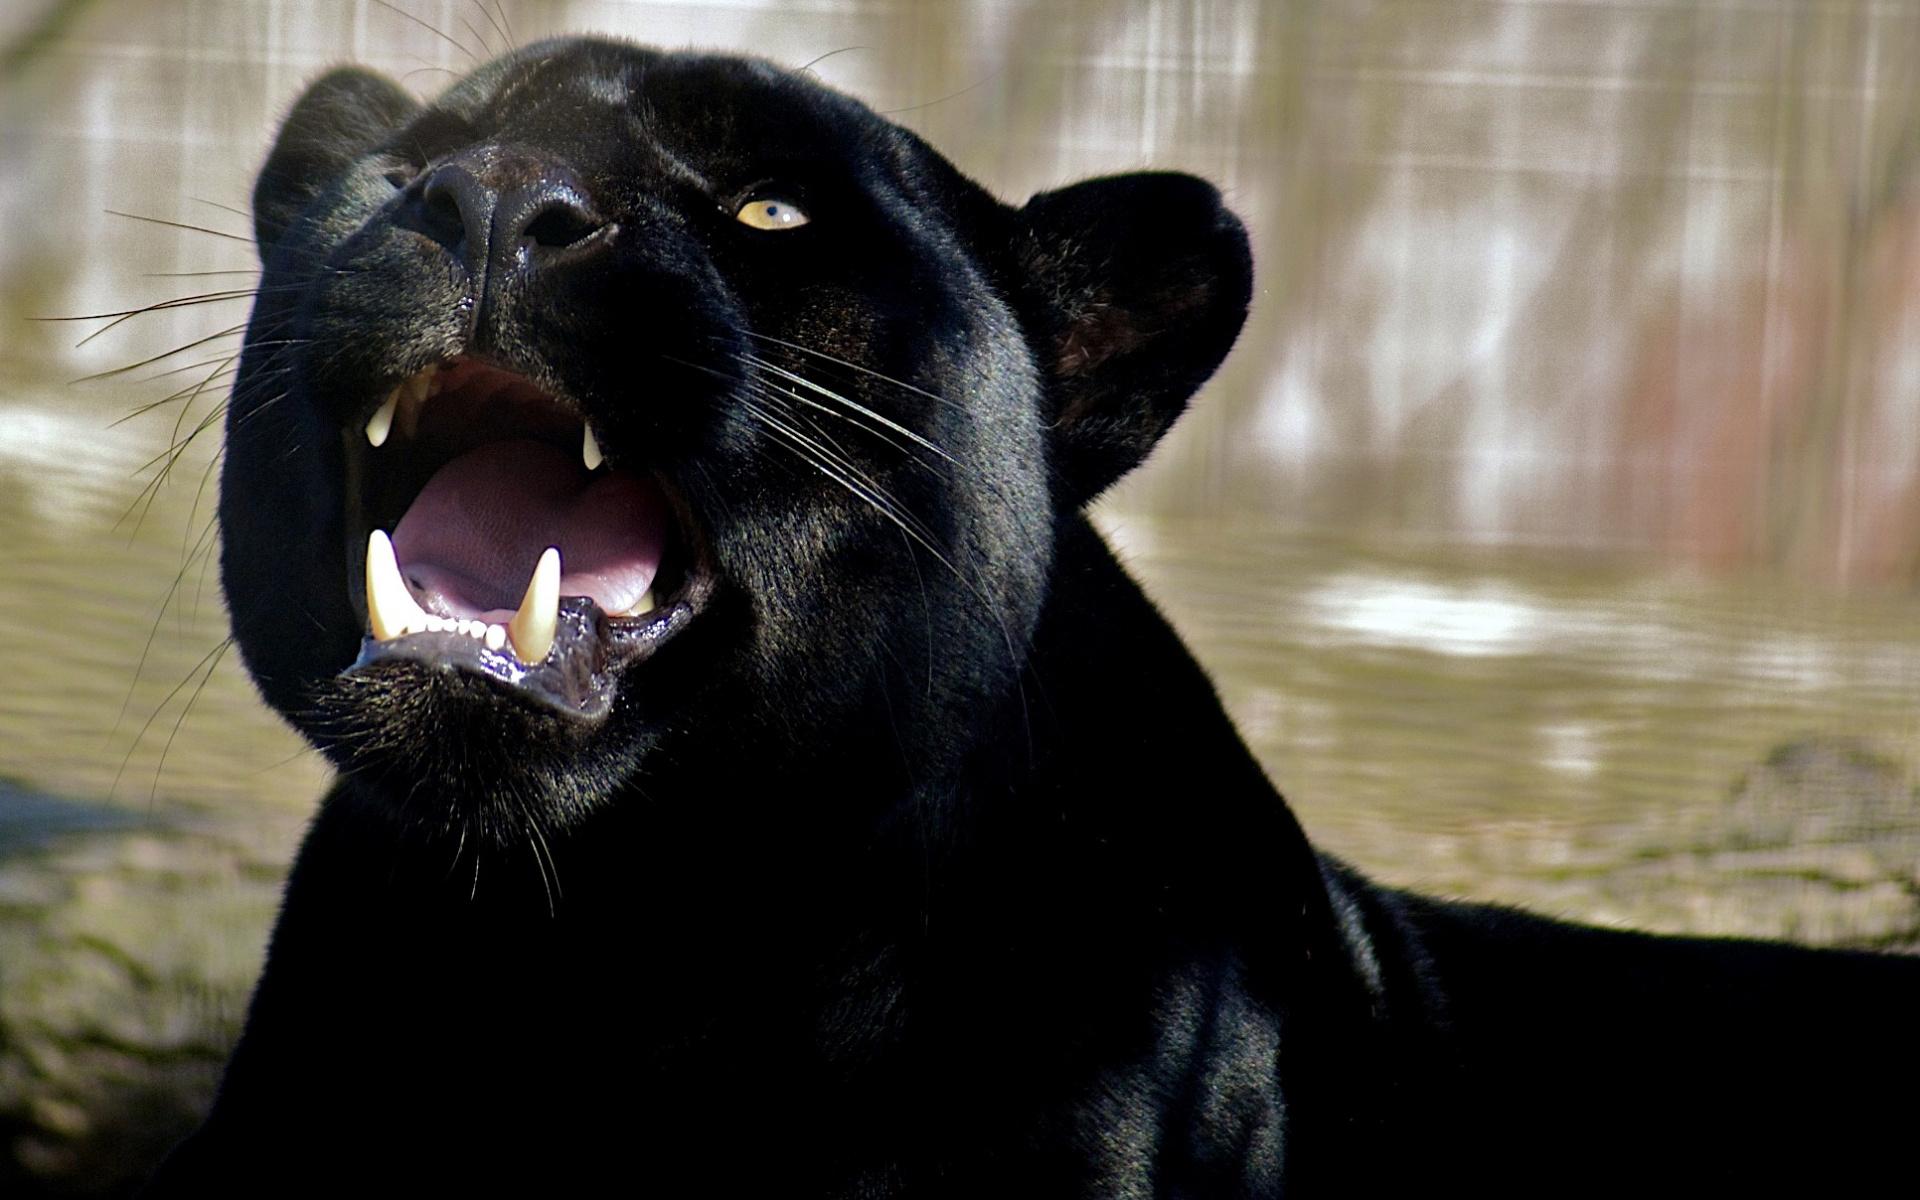 panther predator black panther desktop wallpaper Animals 1920x1200